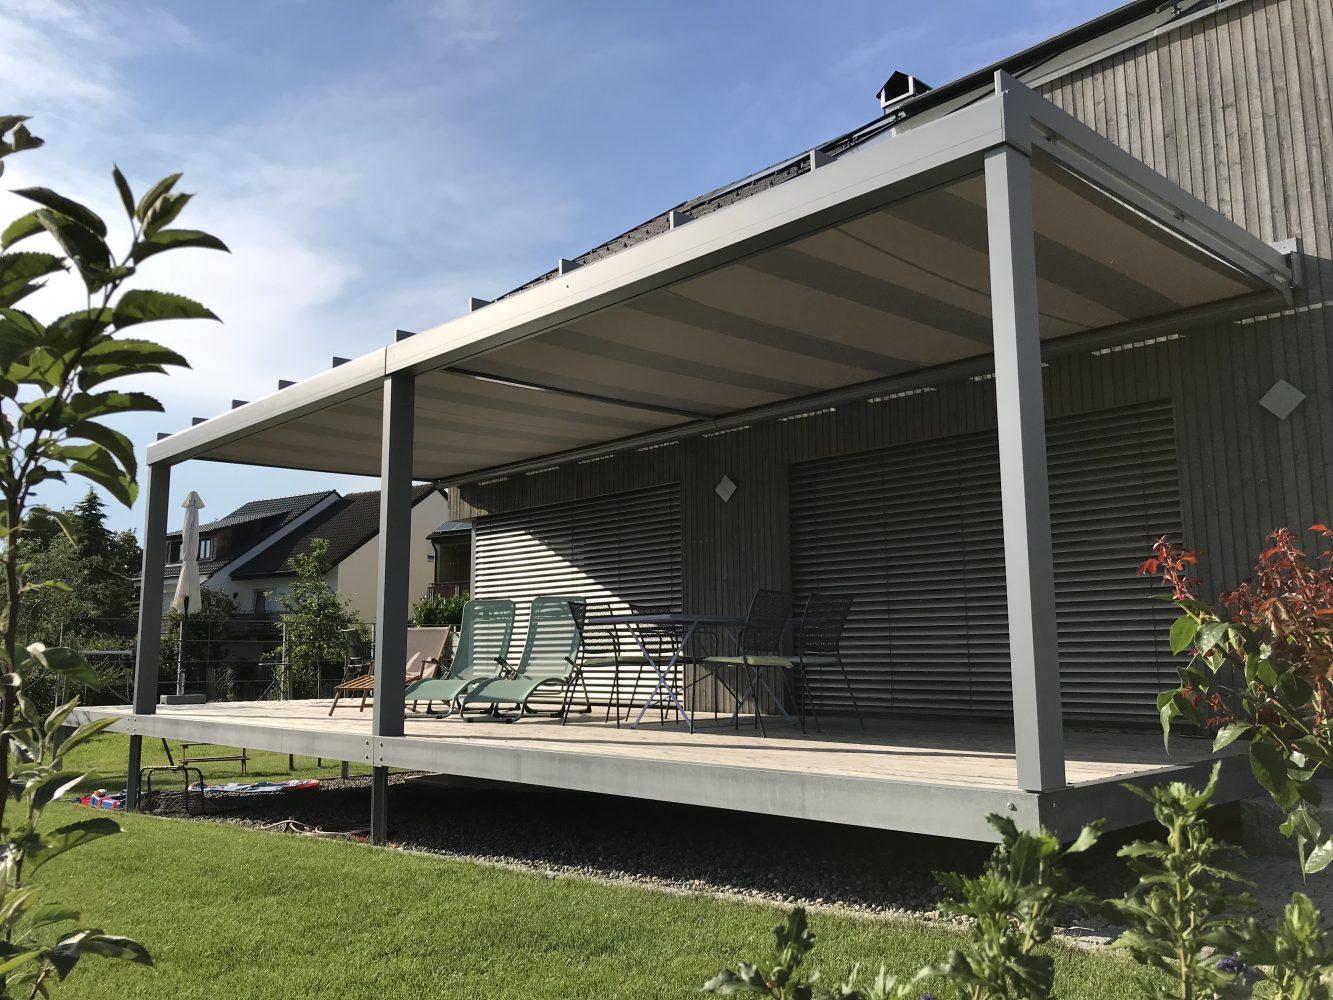 Leiner Markisen | BWE, Unterschleißheim